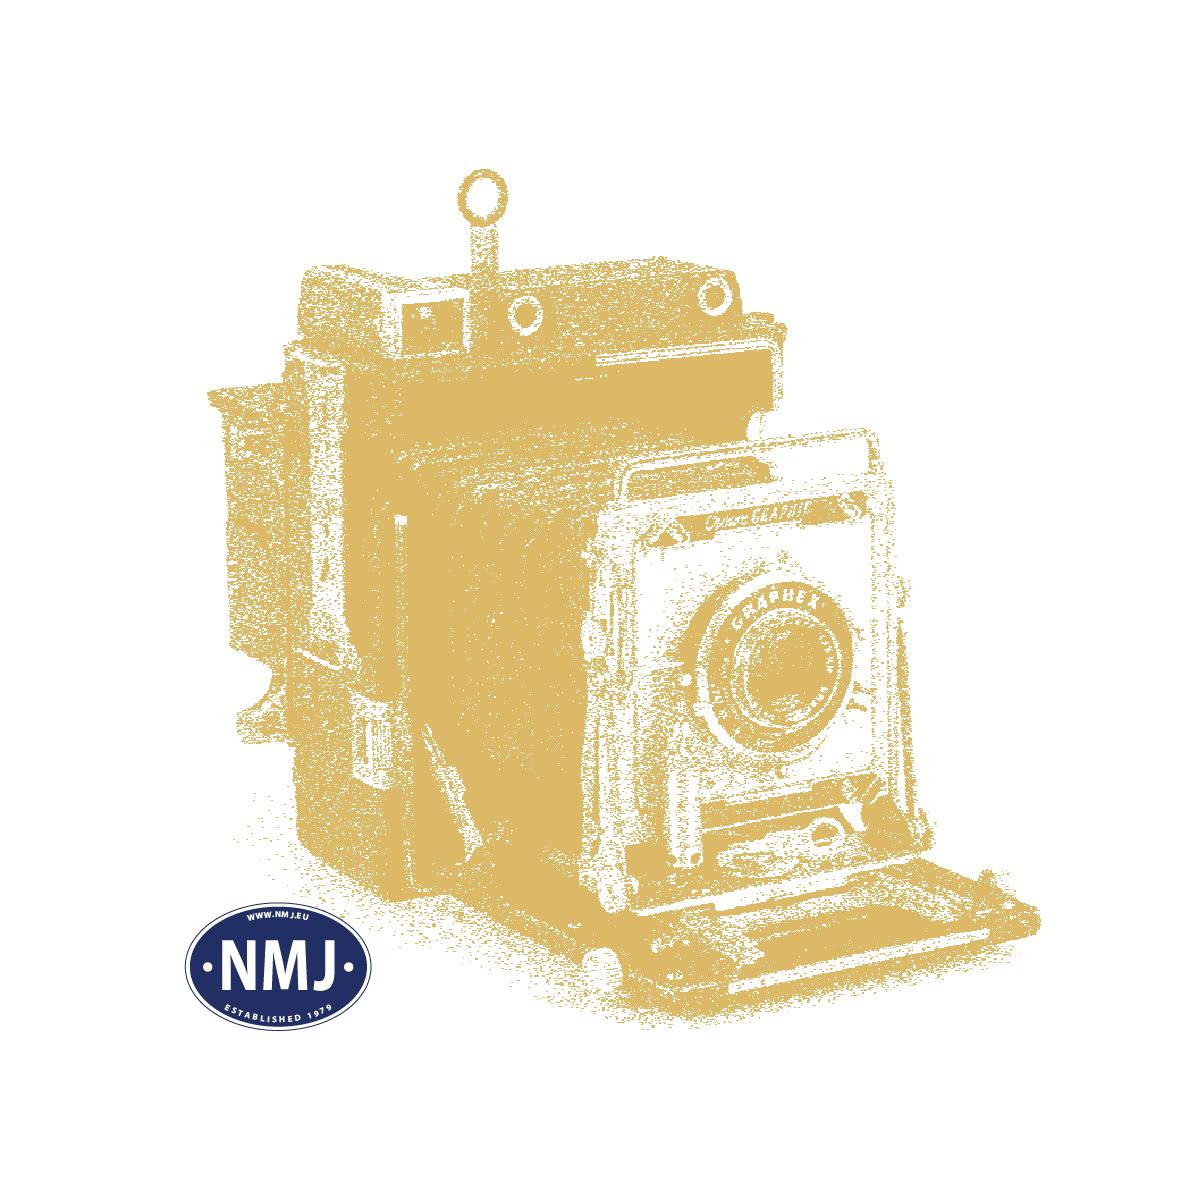 NMJB1110 - Norske Plakater, Ark 1